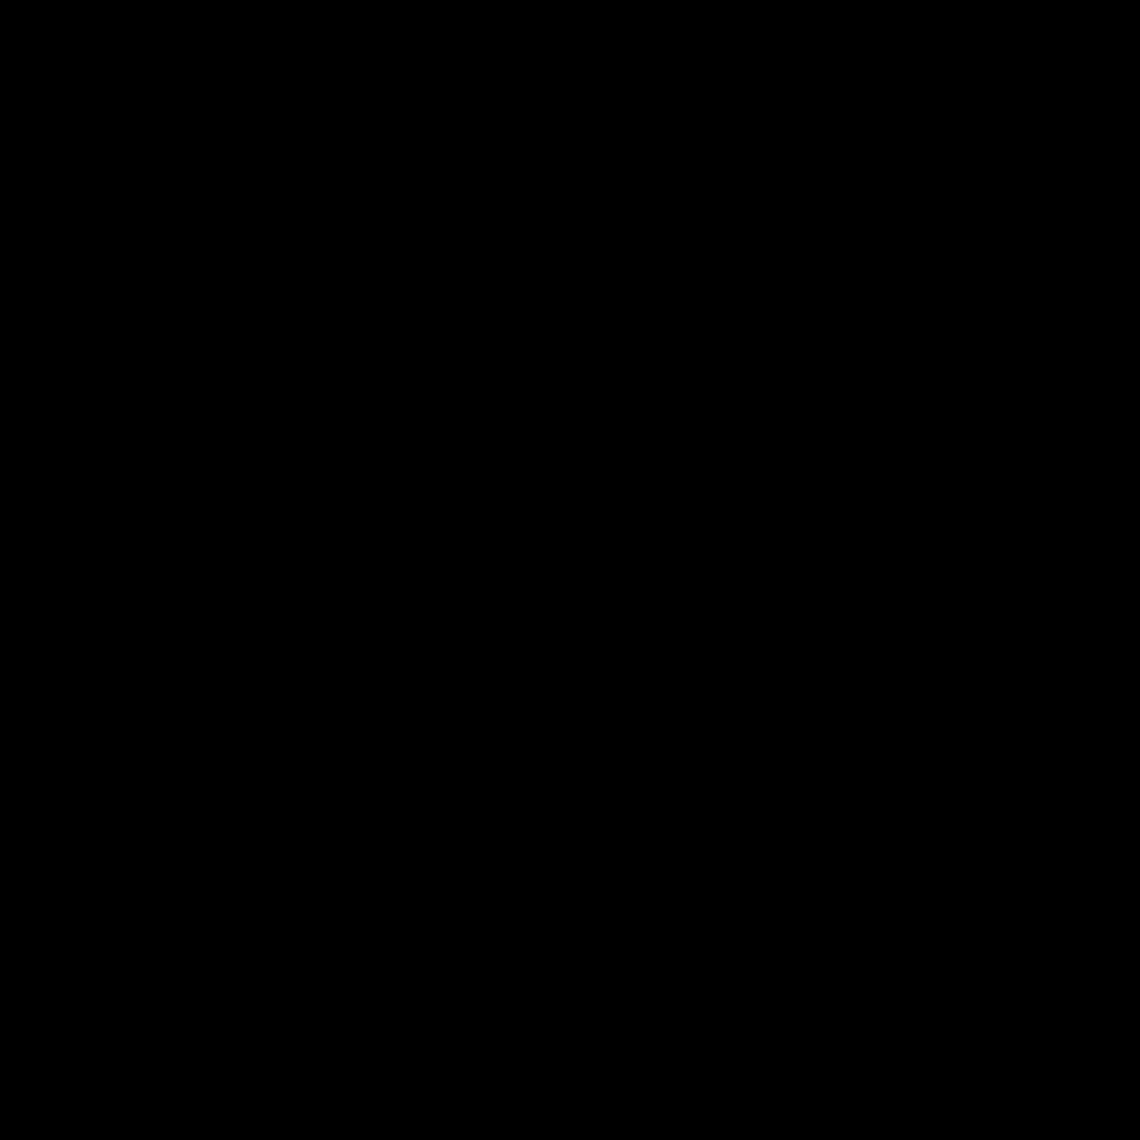 IAHSP EU Logo Negative Black.png